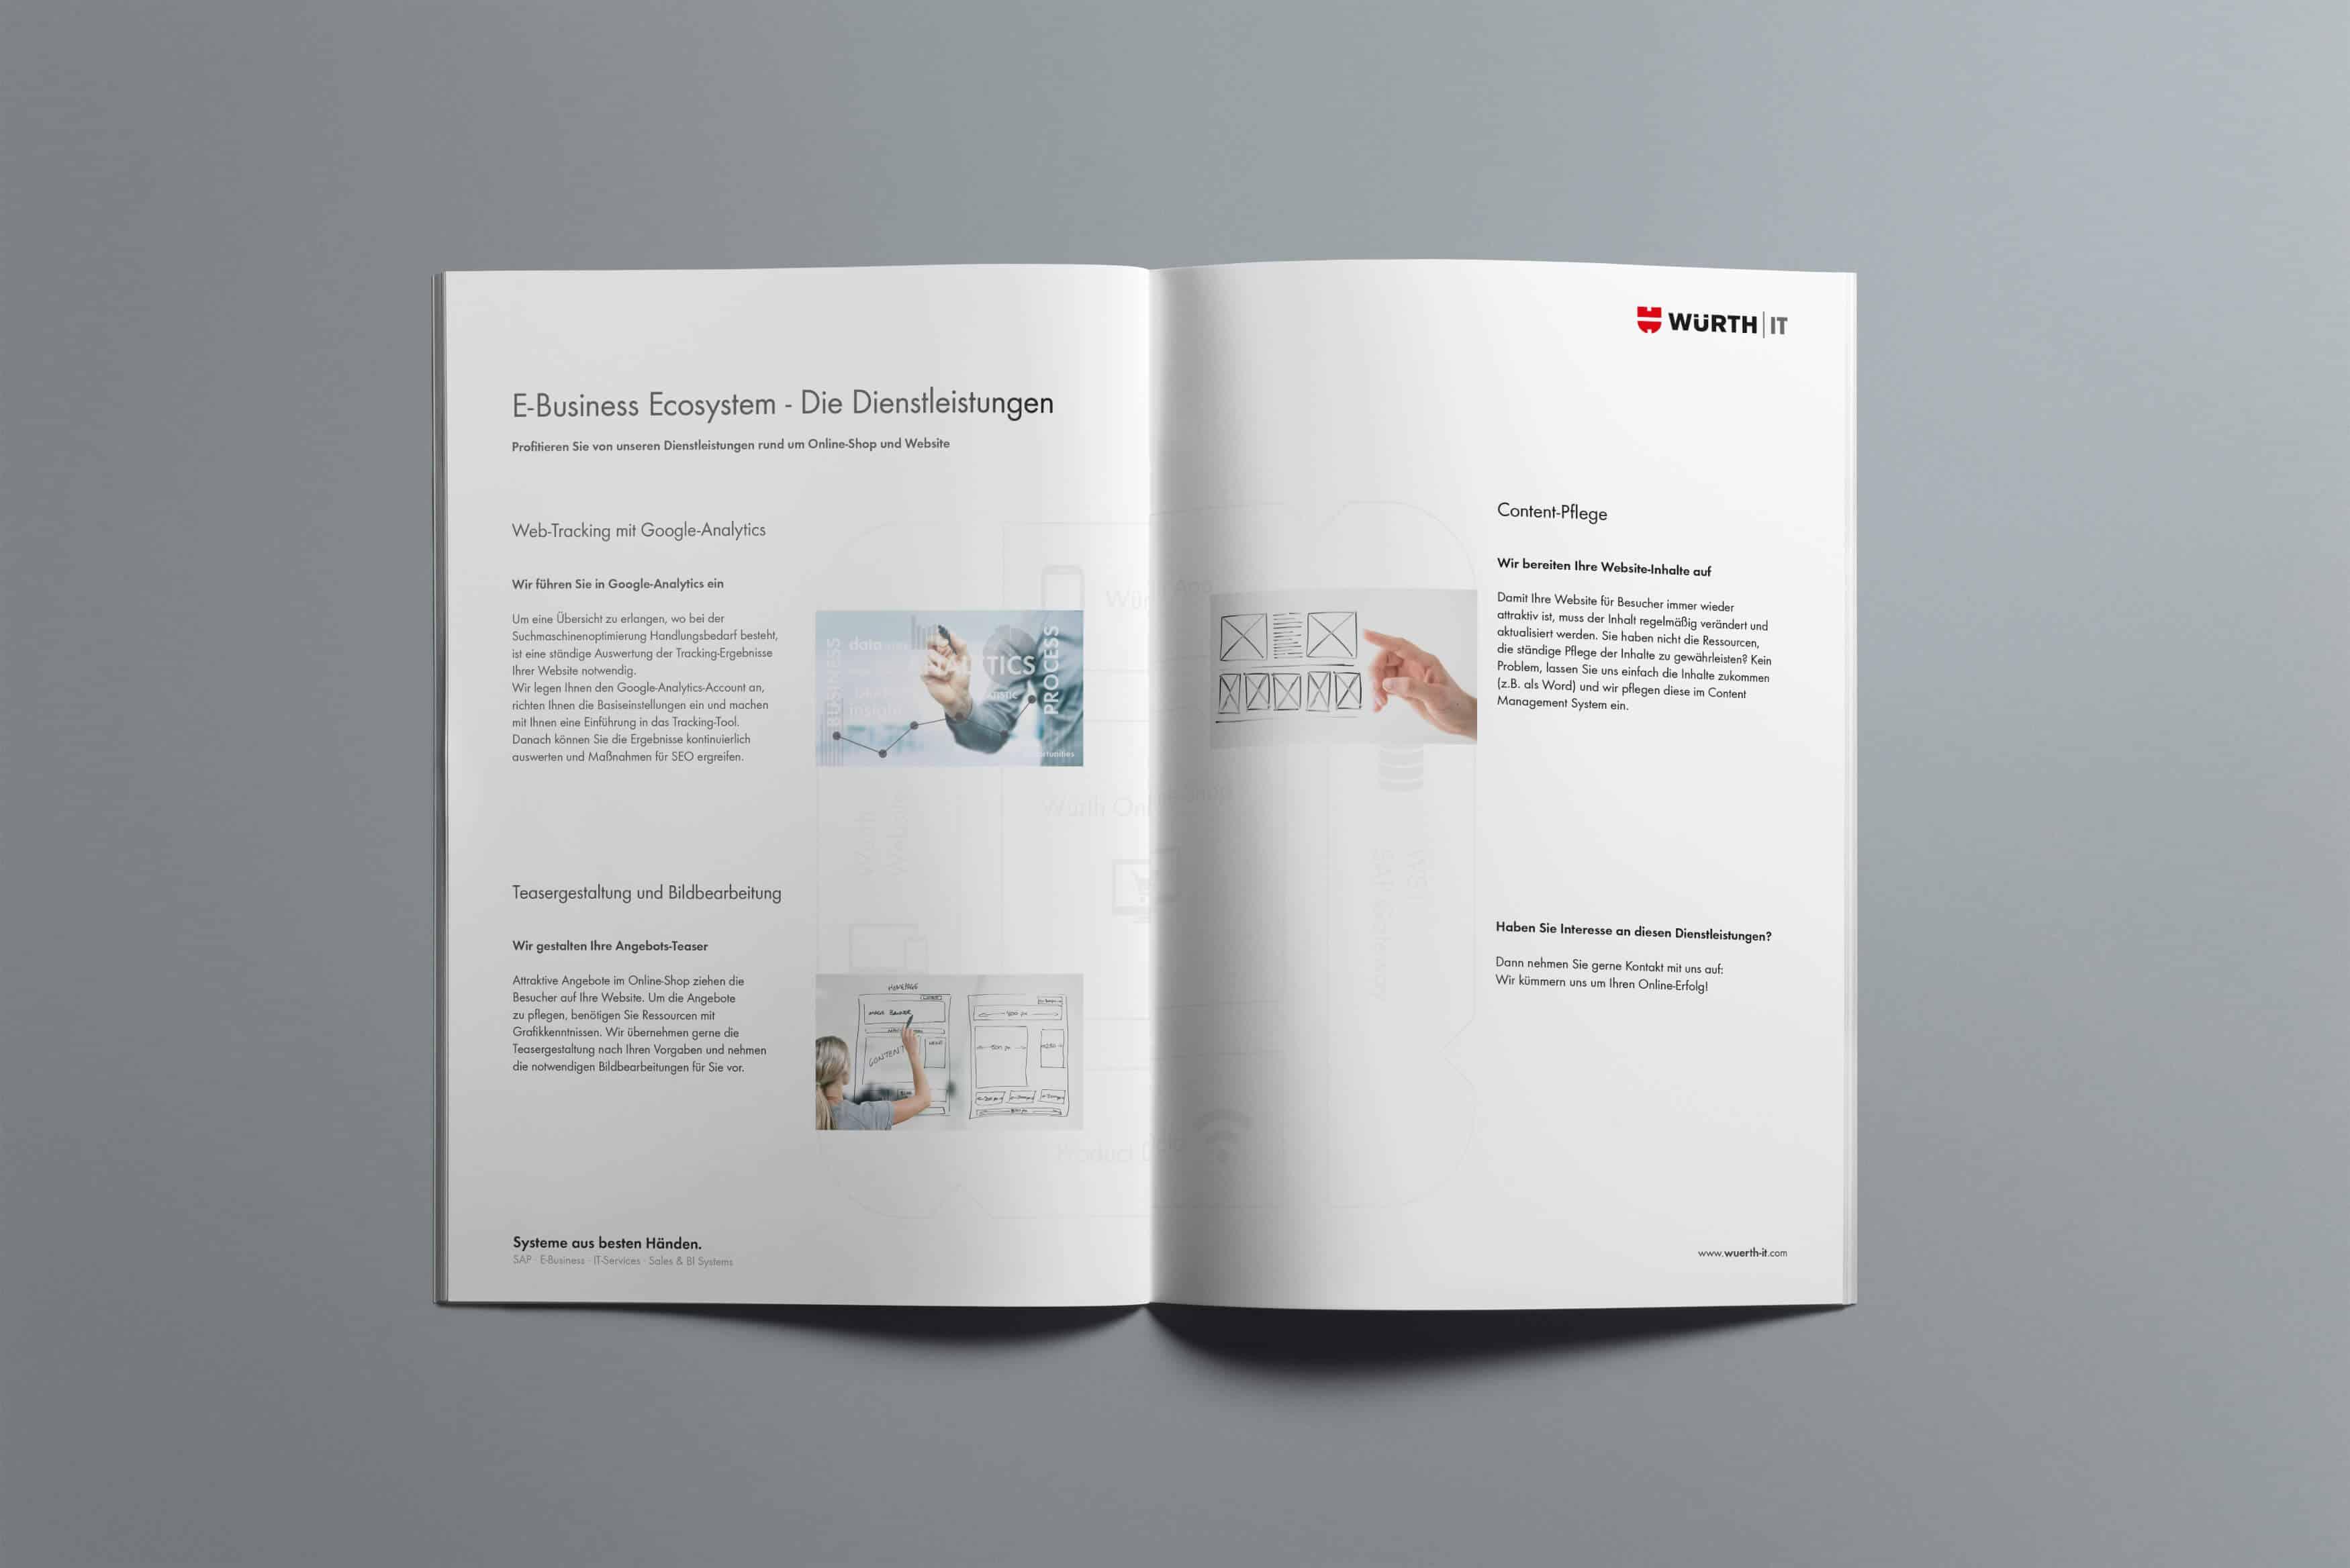 WÜRTHIT-E-Business-Dienstleistungen_DE_LIT-2-color-klassische-werbung-referenz